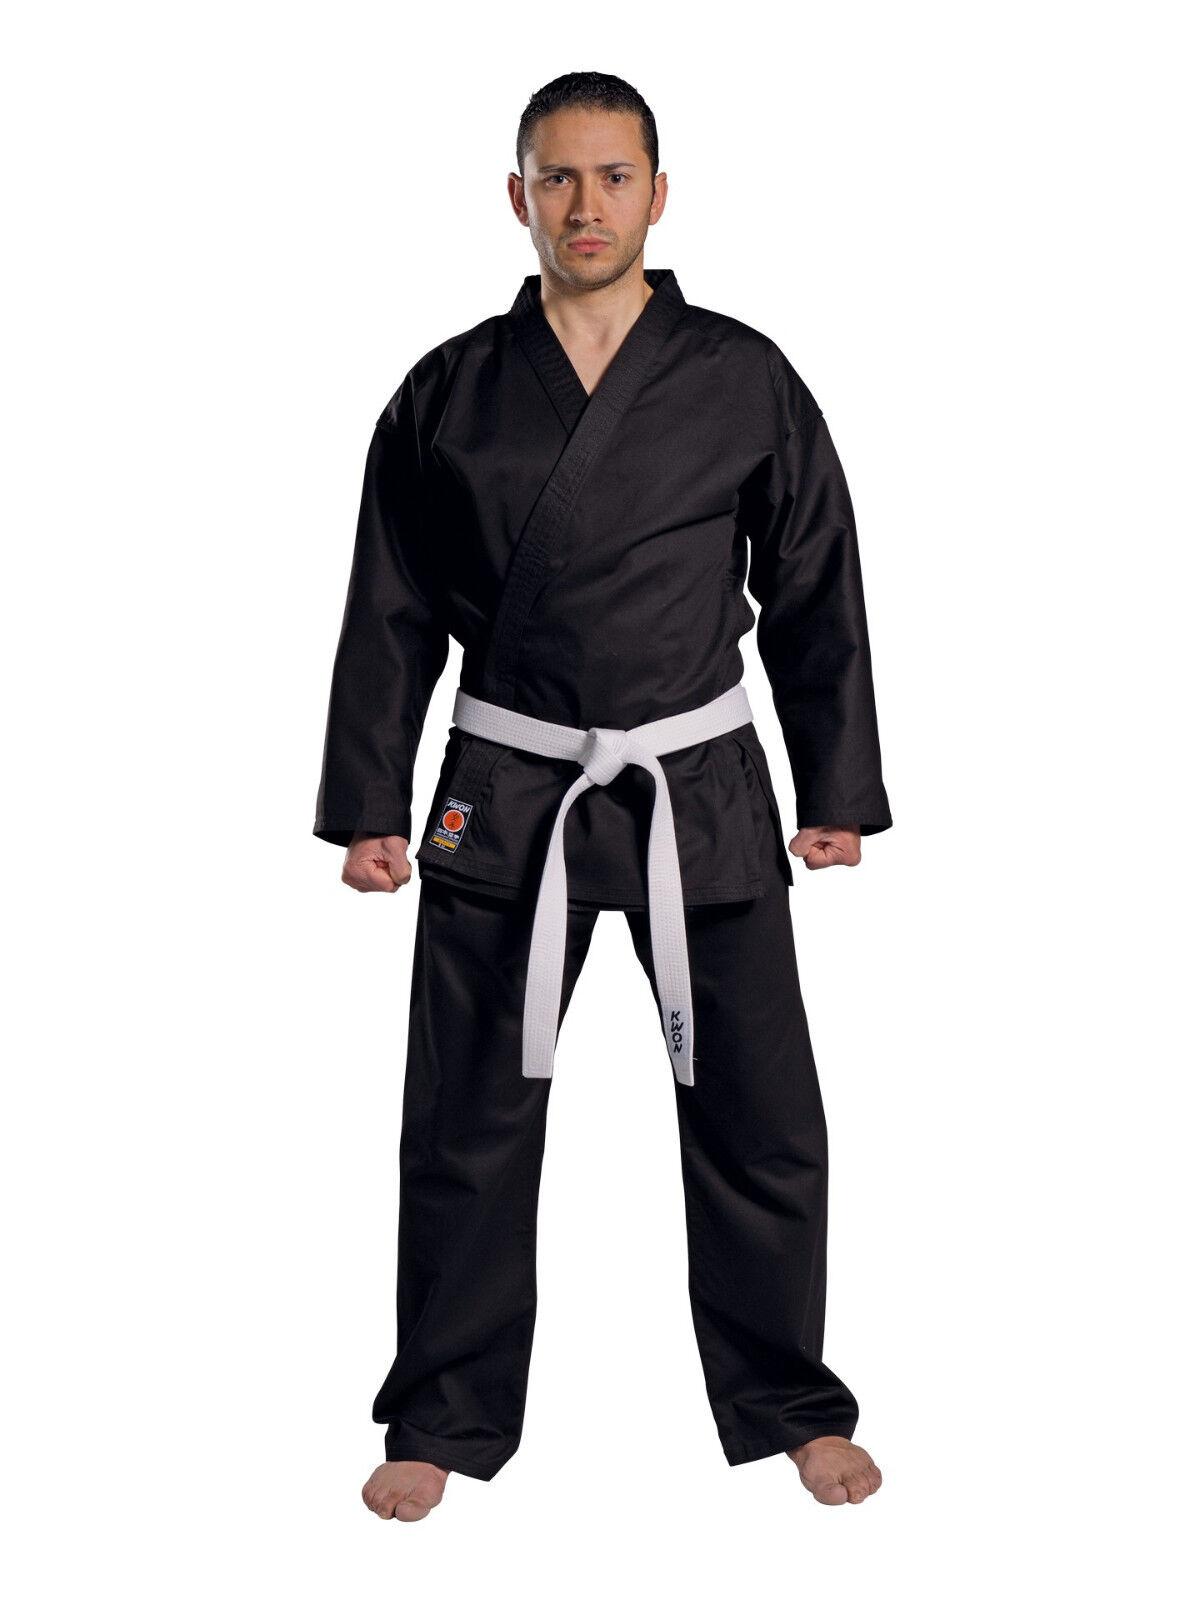 Kwon- Karateanzug Traditional 8 oz., in Schwarz. Karate. Gi. Kimono.